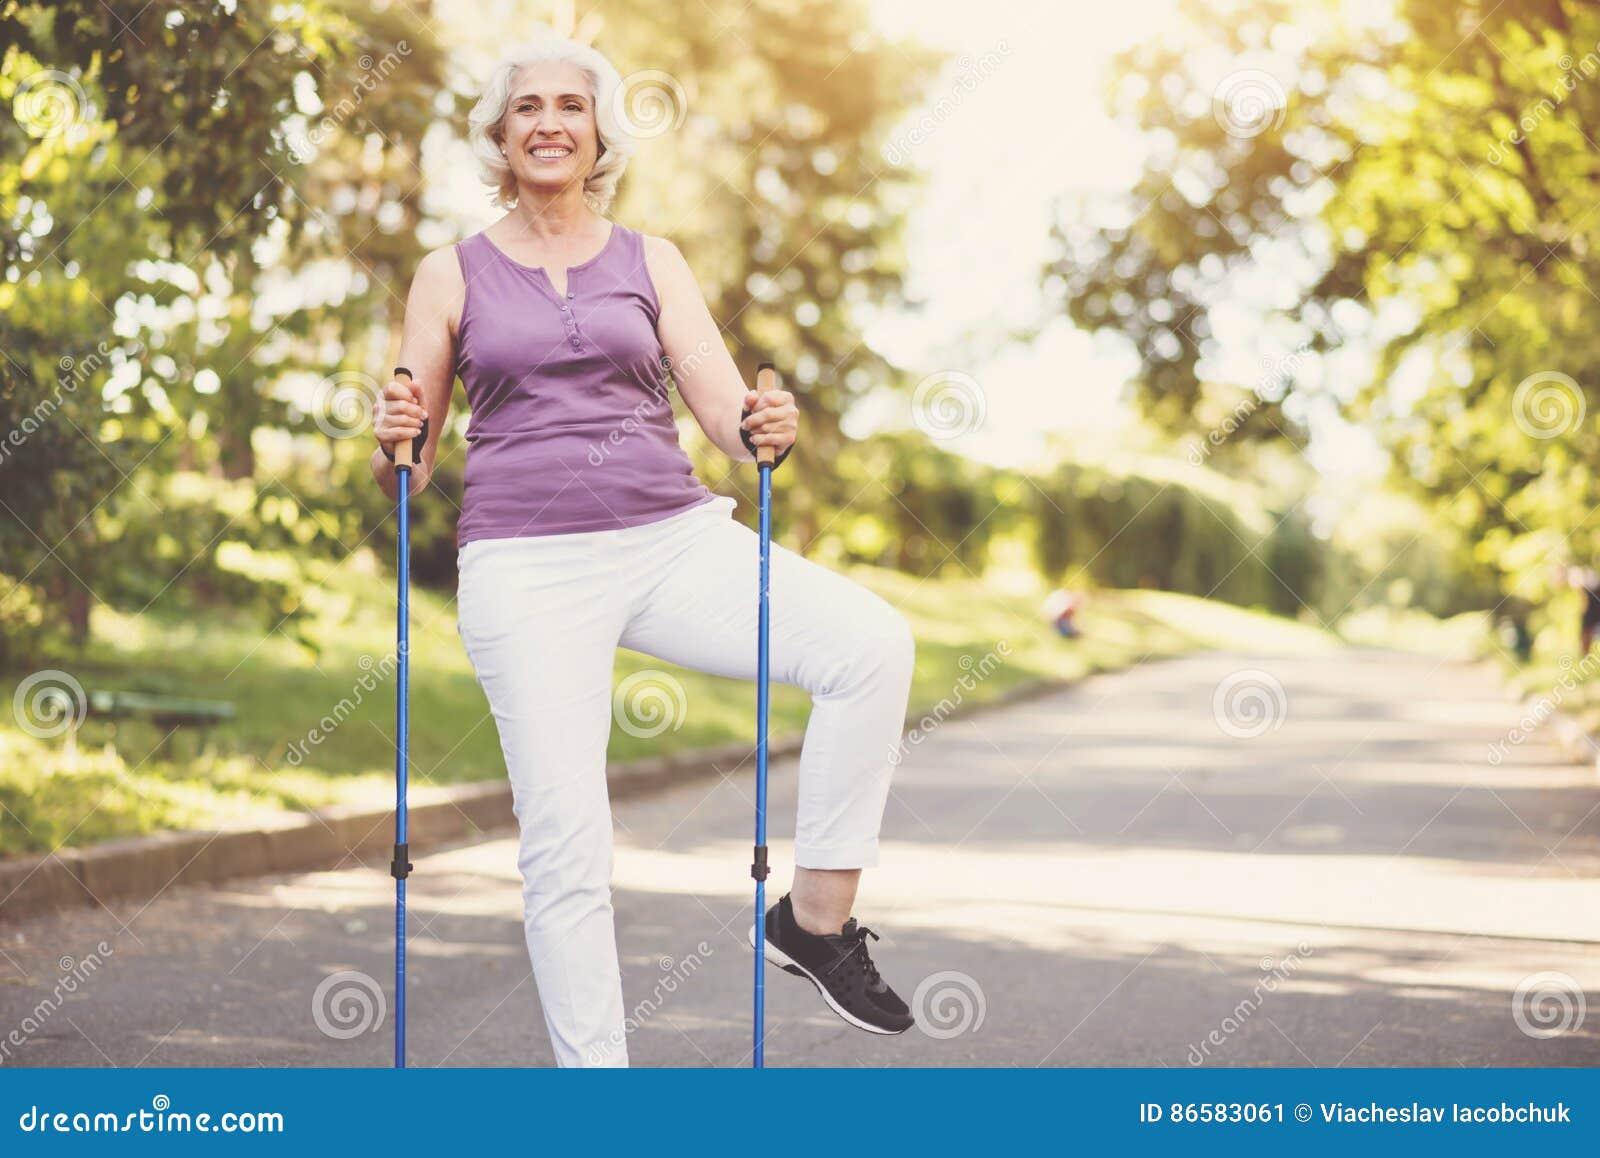 Εύθυμη ανώτερη γυναίκα που κάνει μια σωματική άσκηση